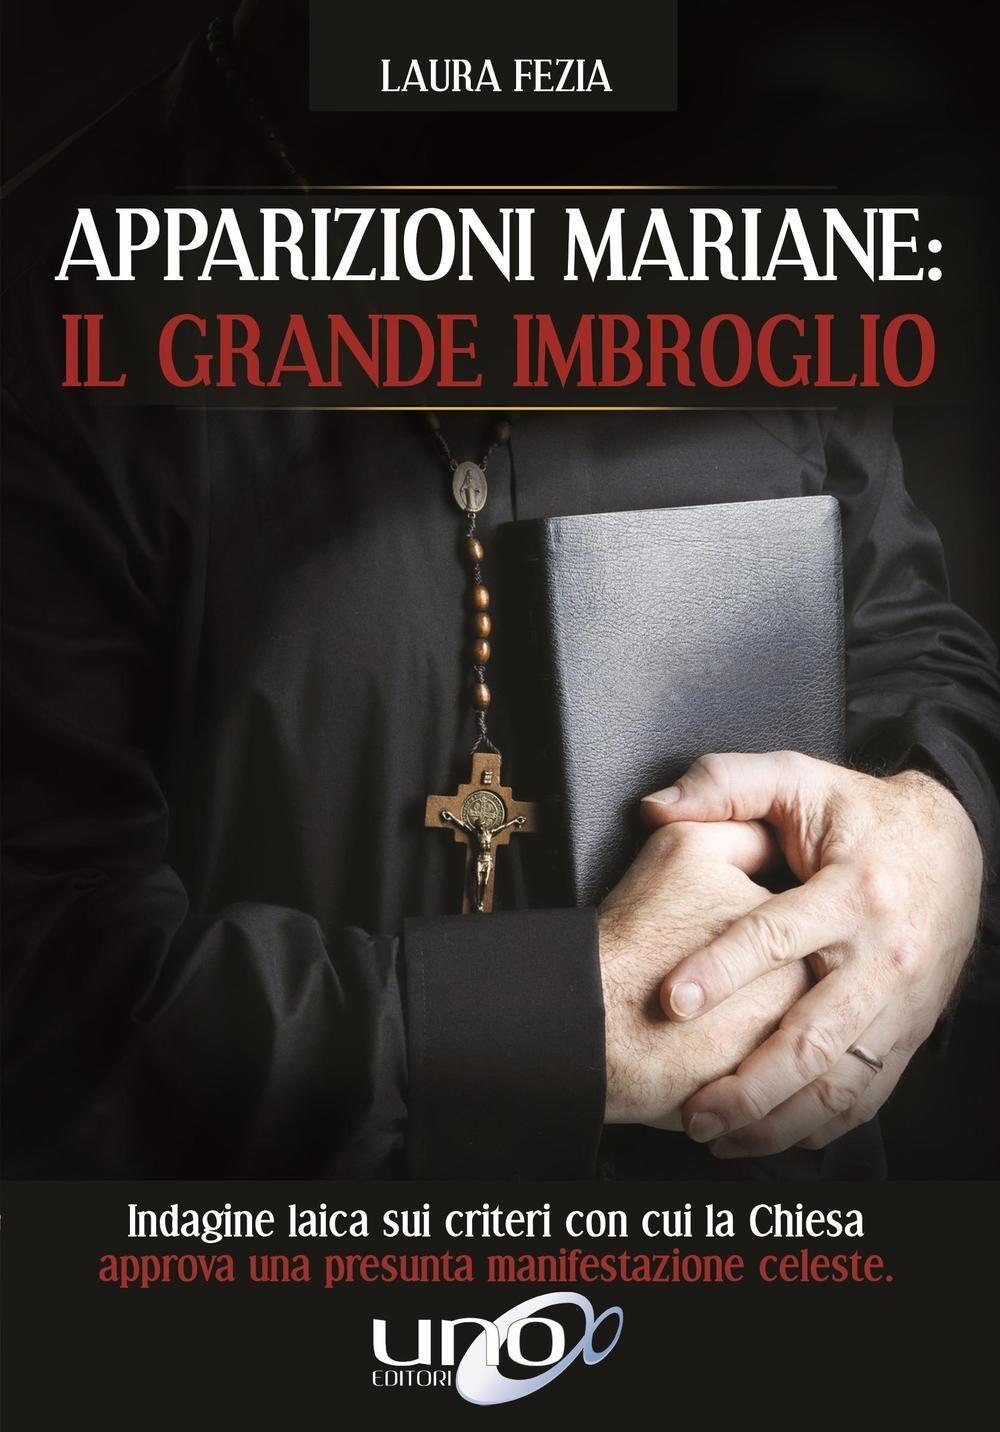 Apparizioni mariane: il grande imbroglio. Indagine laica sui criteri con cui la Chiesa approva una presunta manifestazione celeste